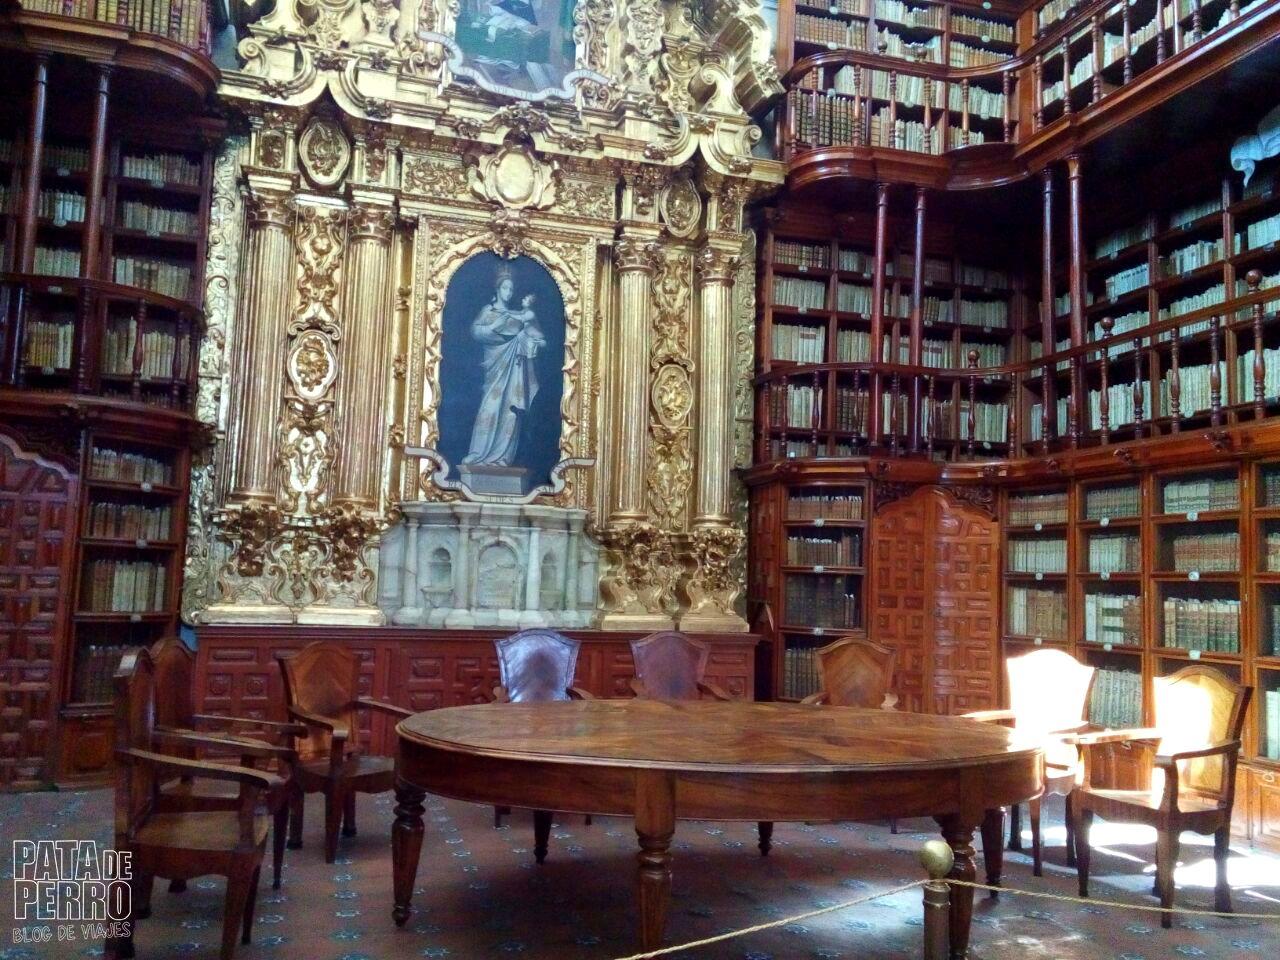 biblioteca-palafoxiana-la-primera-biblioteca-publica-de-america-pata-de-perro-blog-de-viajes-puebla-mexico-08